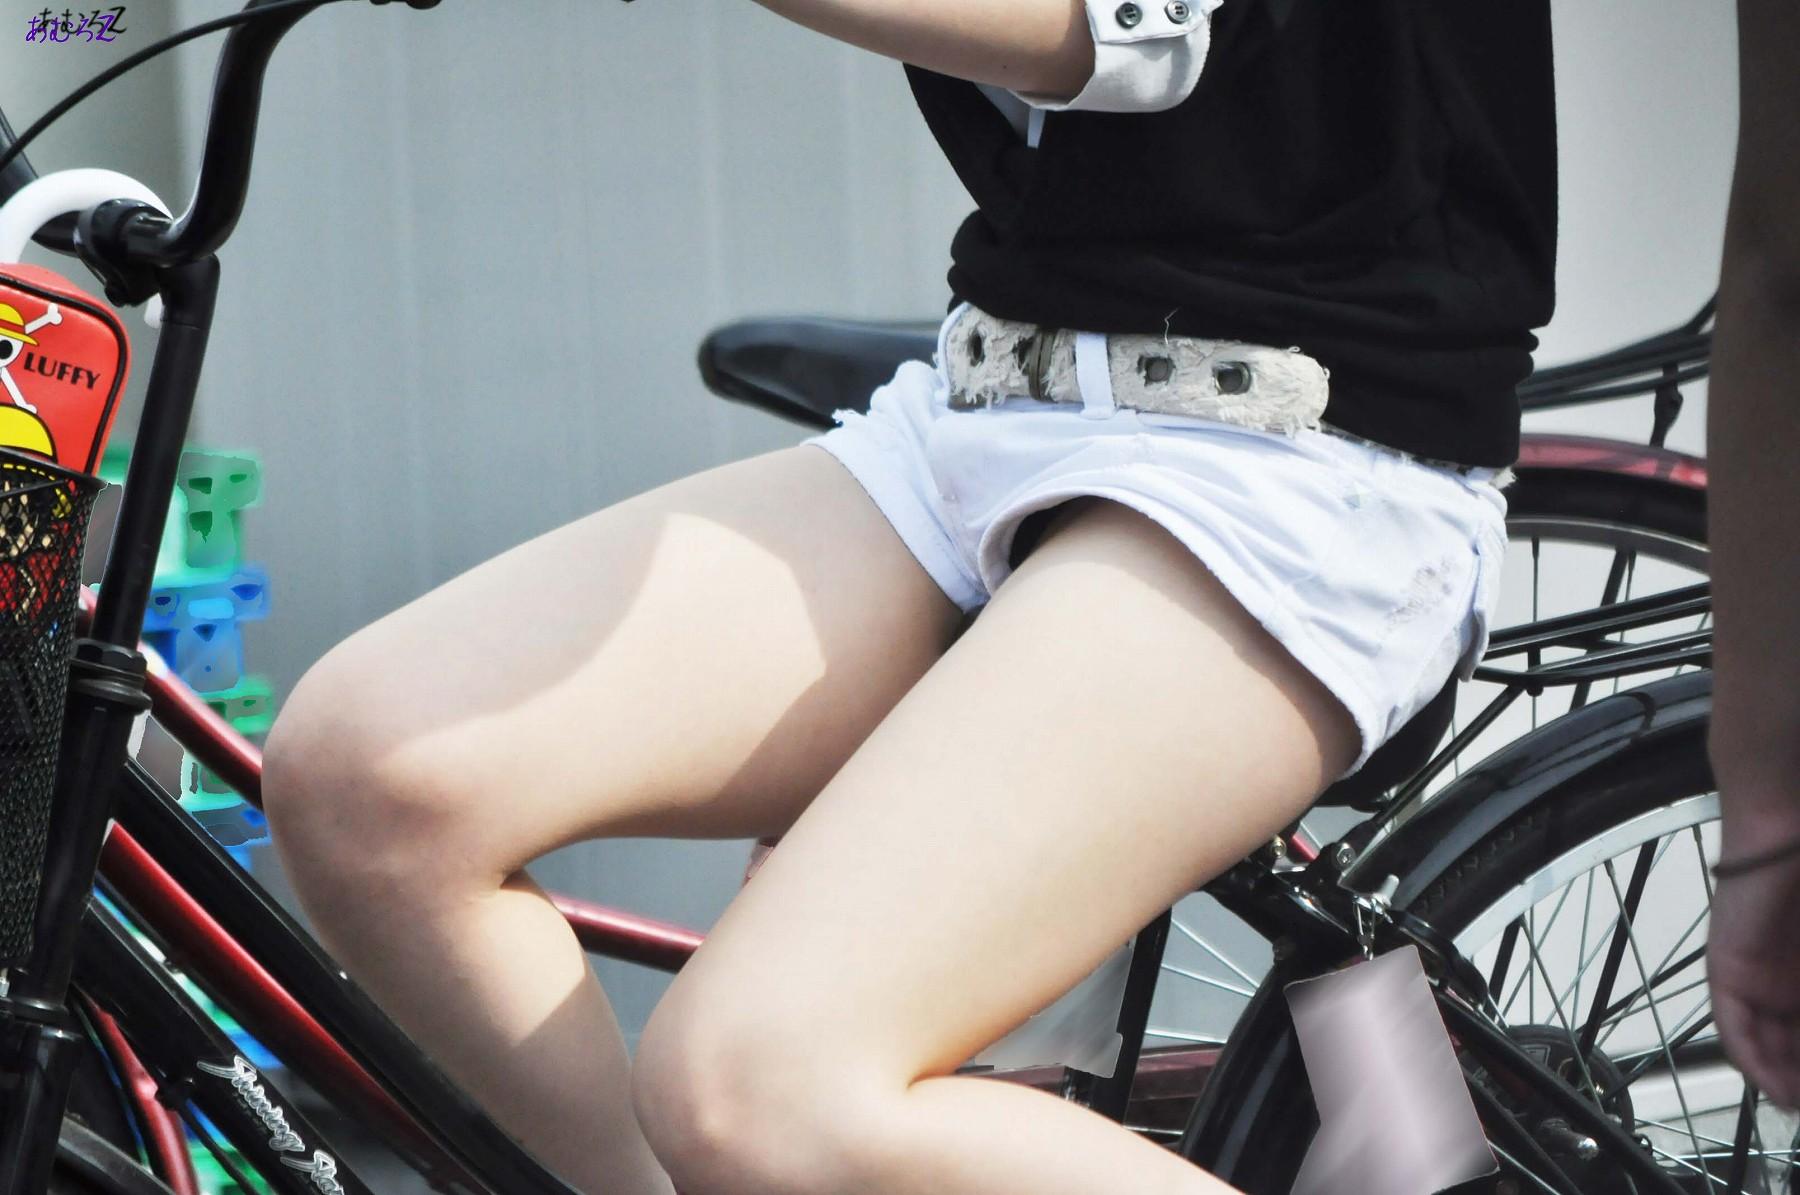 ムチムチでHな生脚太ももを街撮りした素人エロ画像10